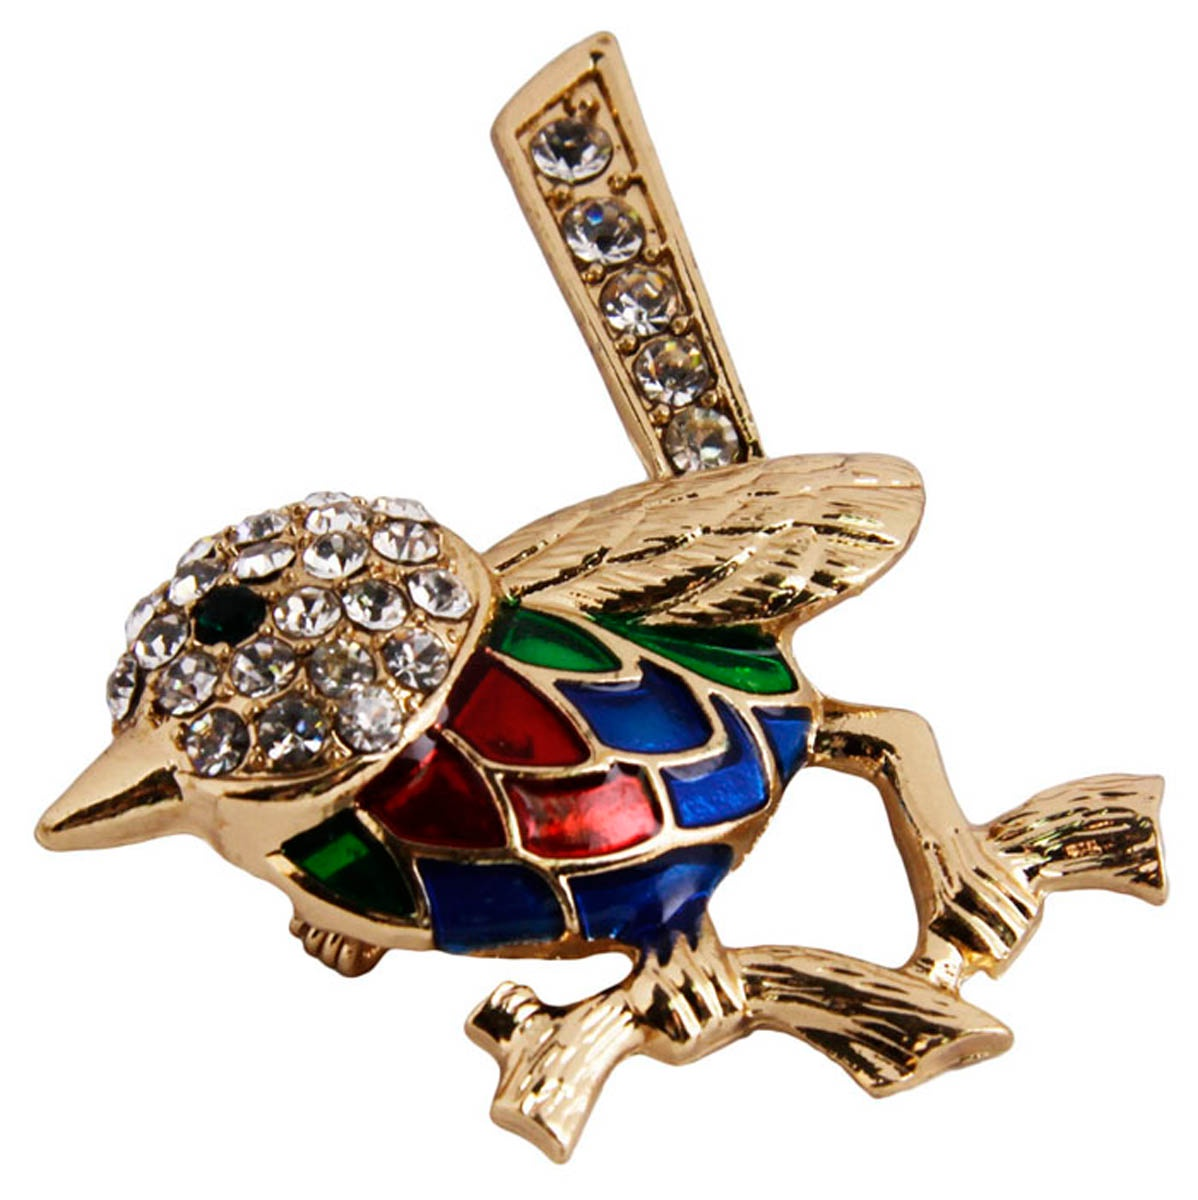 Брошь бижутерная Антик Хобби Птица, Эмаль, Австрийские кристаллы, 4, 4.5, 2 см, ОС30406, золотой, синий, красный брошь птица